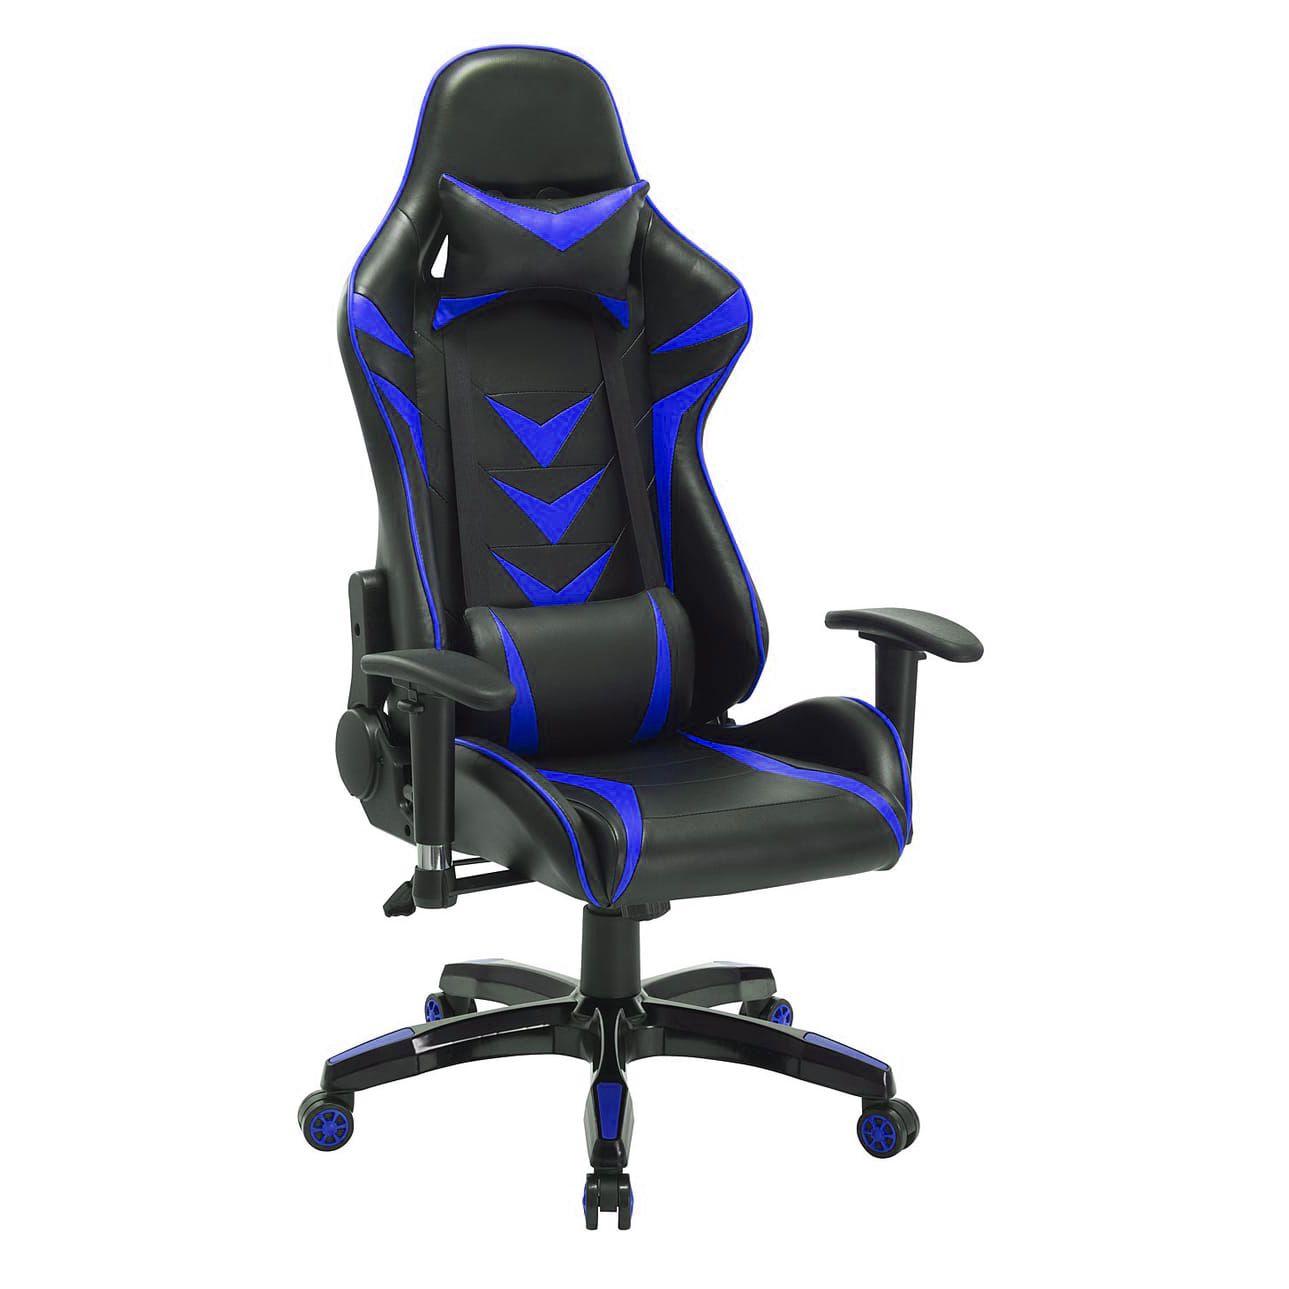 Cadeira Gamer Giratória Reclinável c/ Braço Ajustável Azul e Preta Arena - at.home